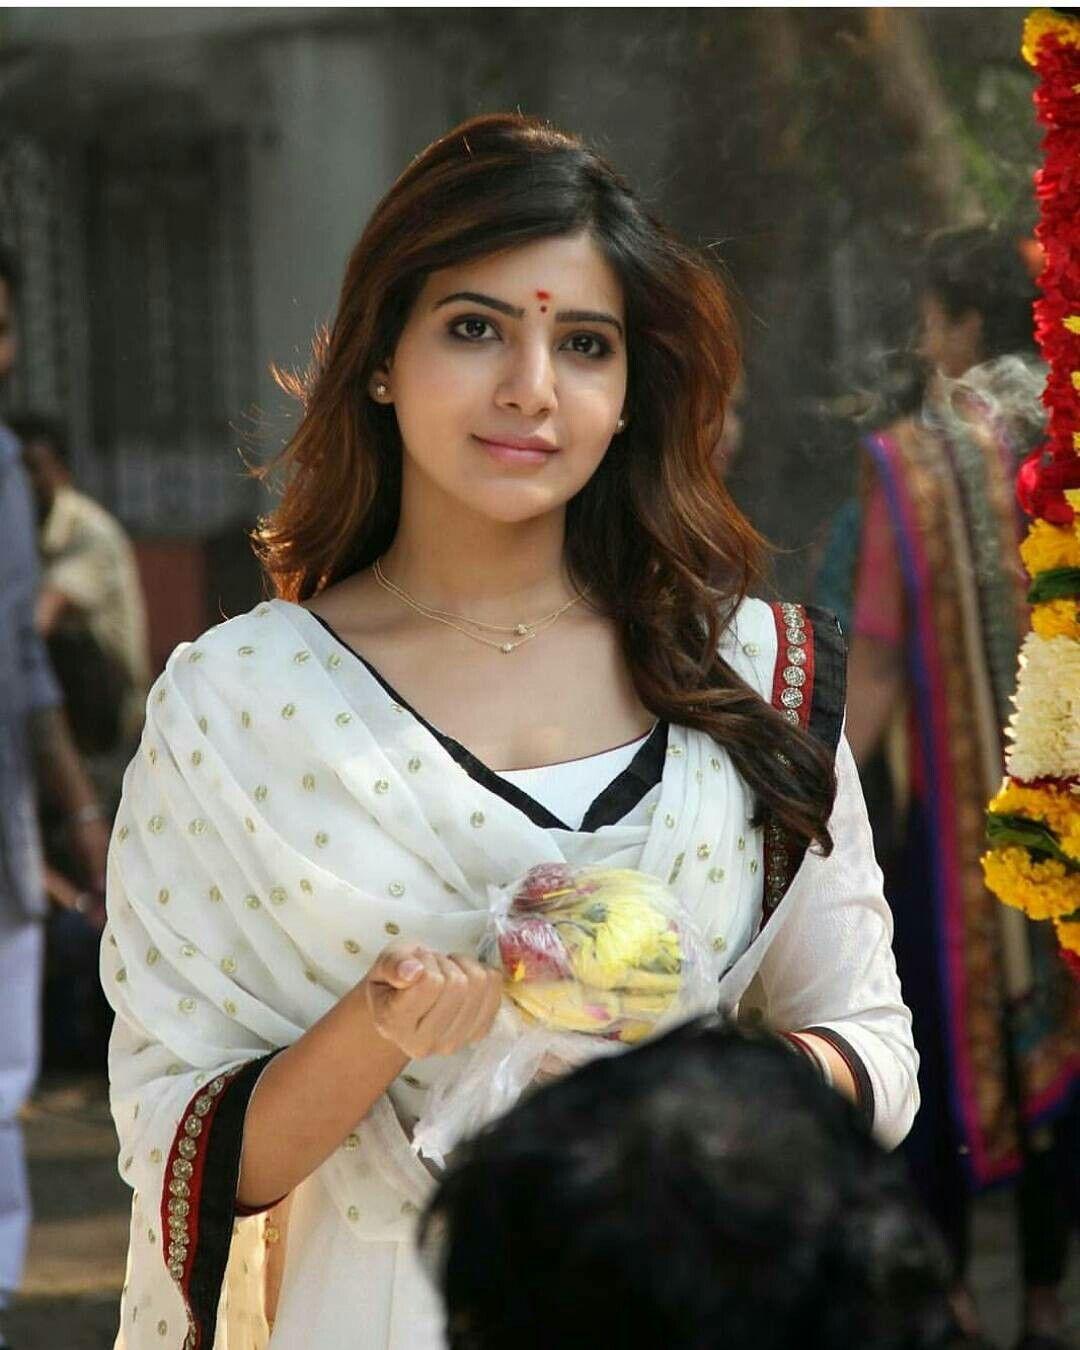 samantha ruth prabhu cute